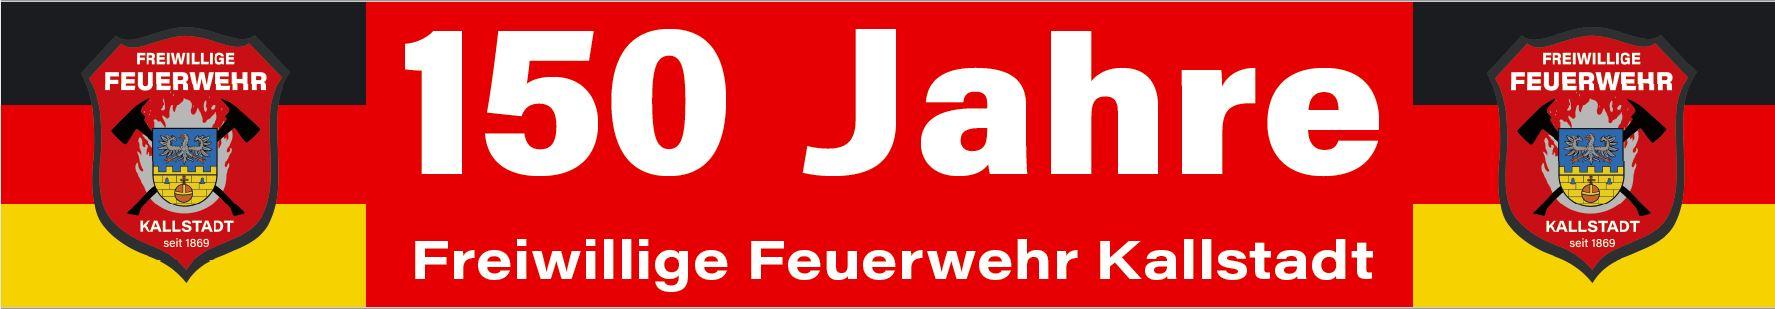 Spannbanner_FFW_Kallstadt